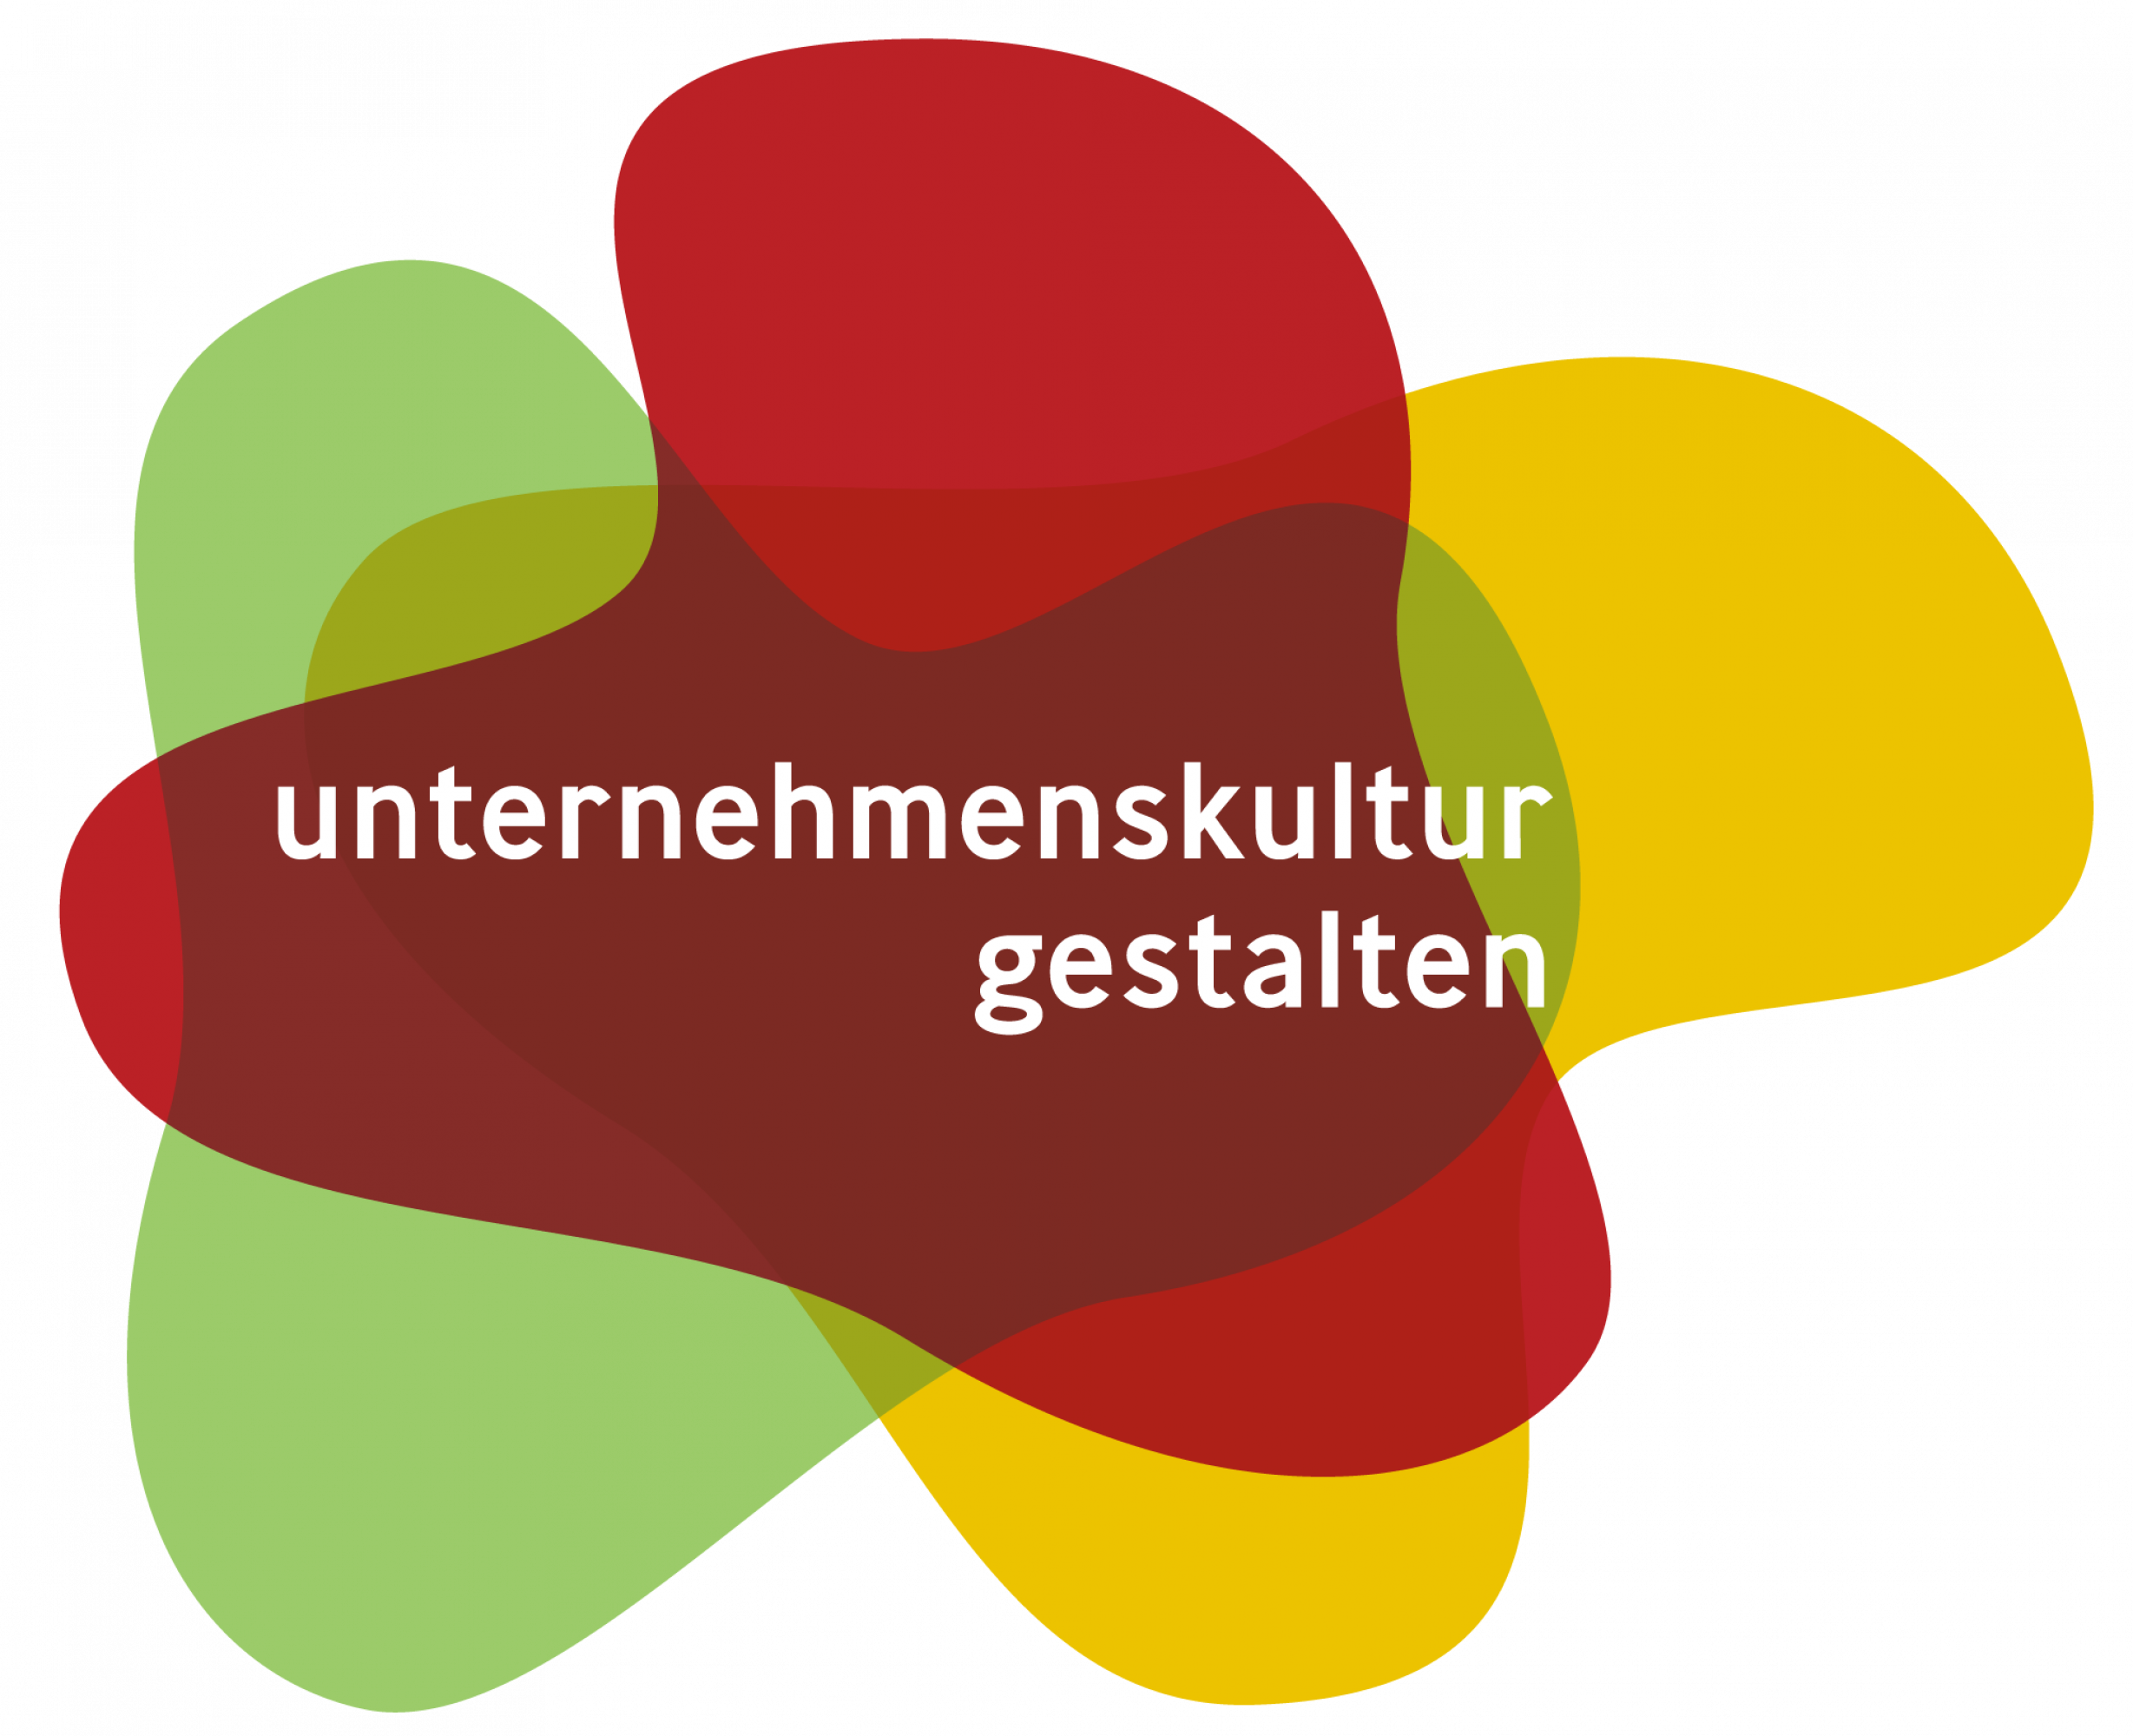 Unternehmenskultur-gestalten-Logo